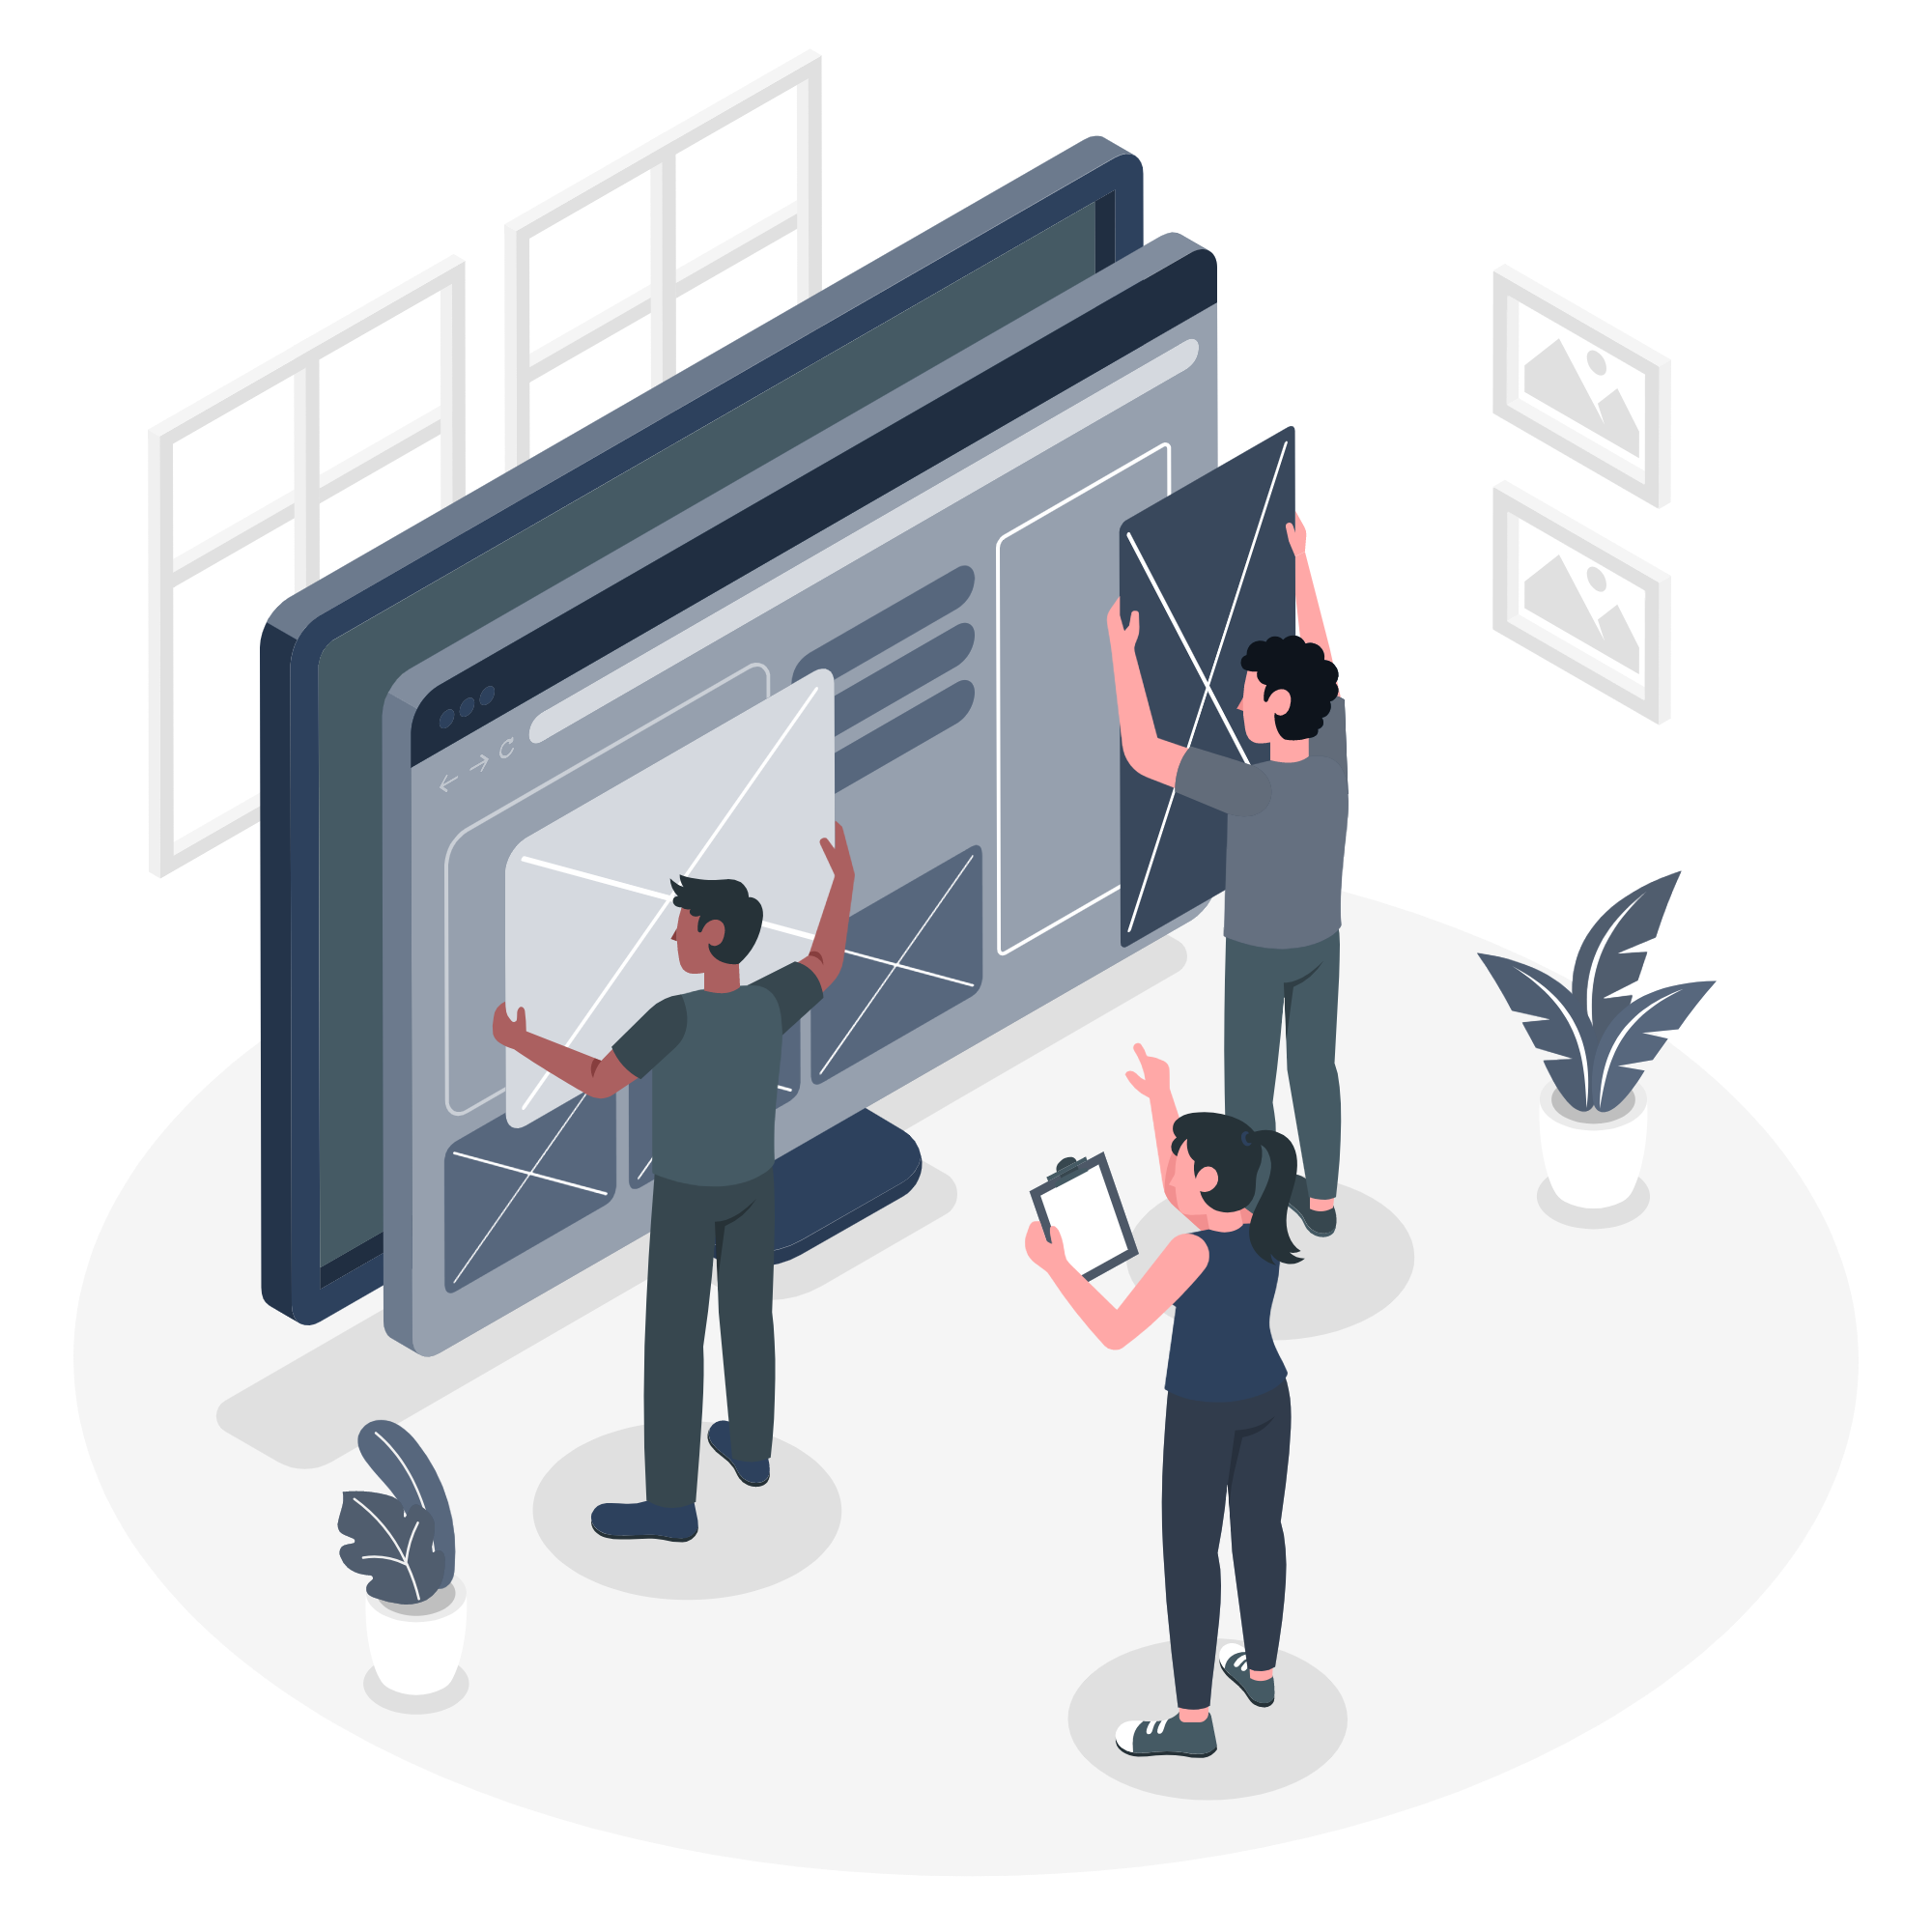 Illustration of designers building a website